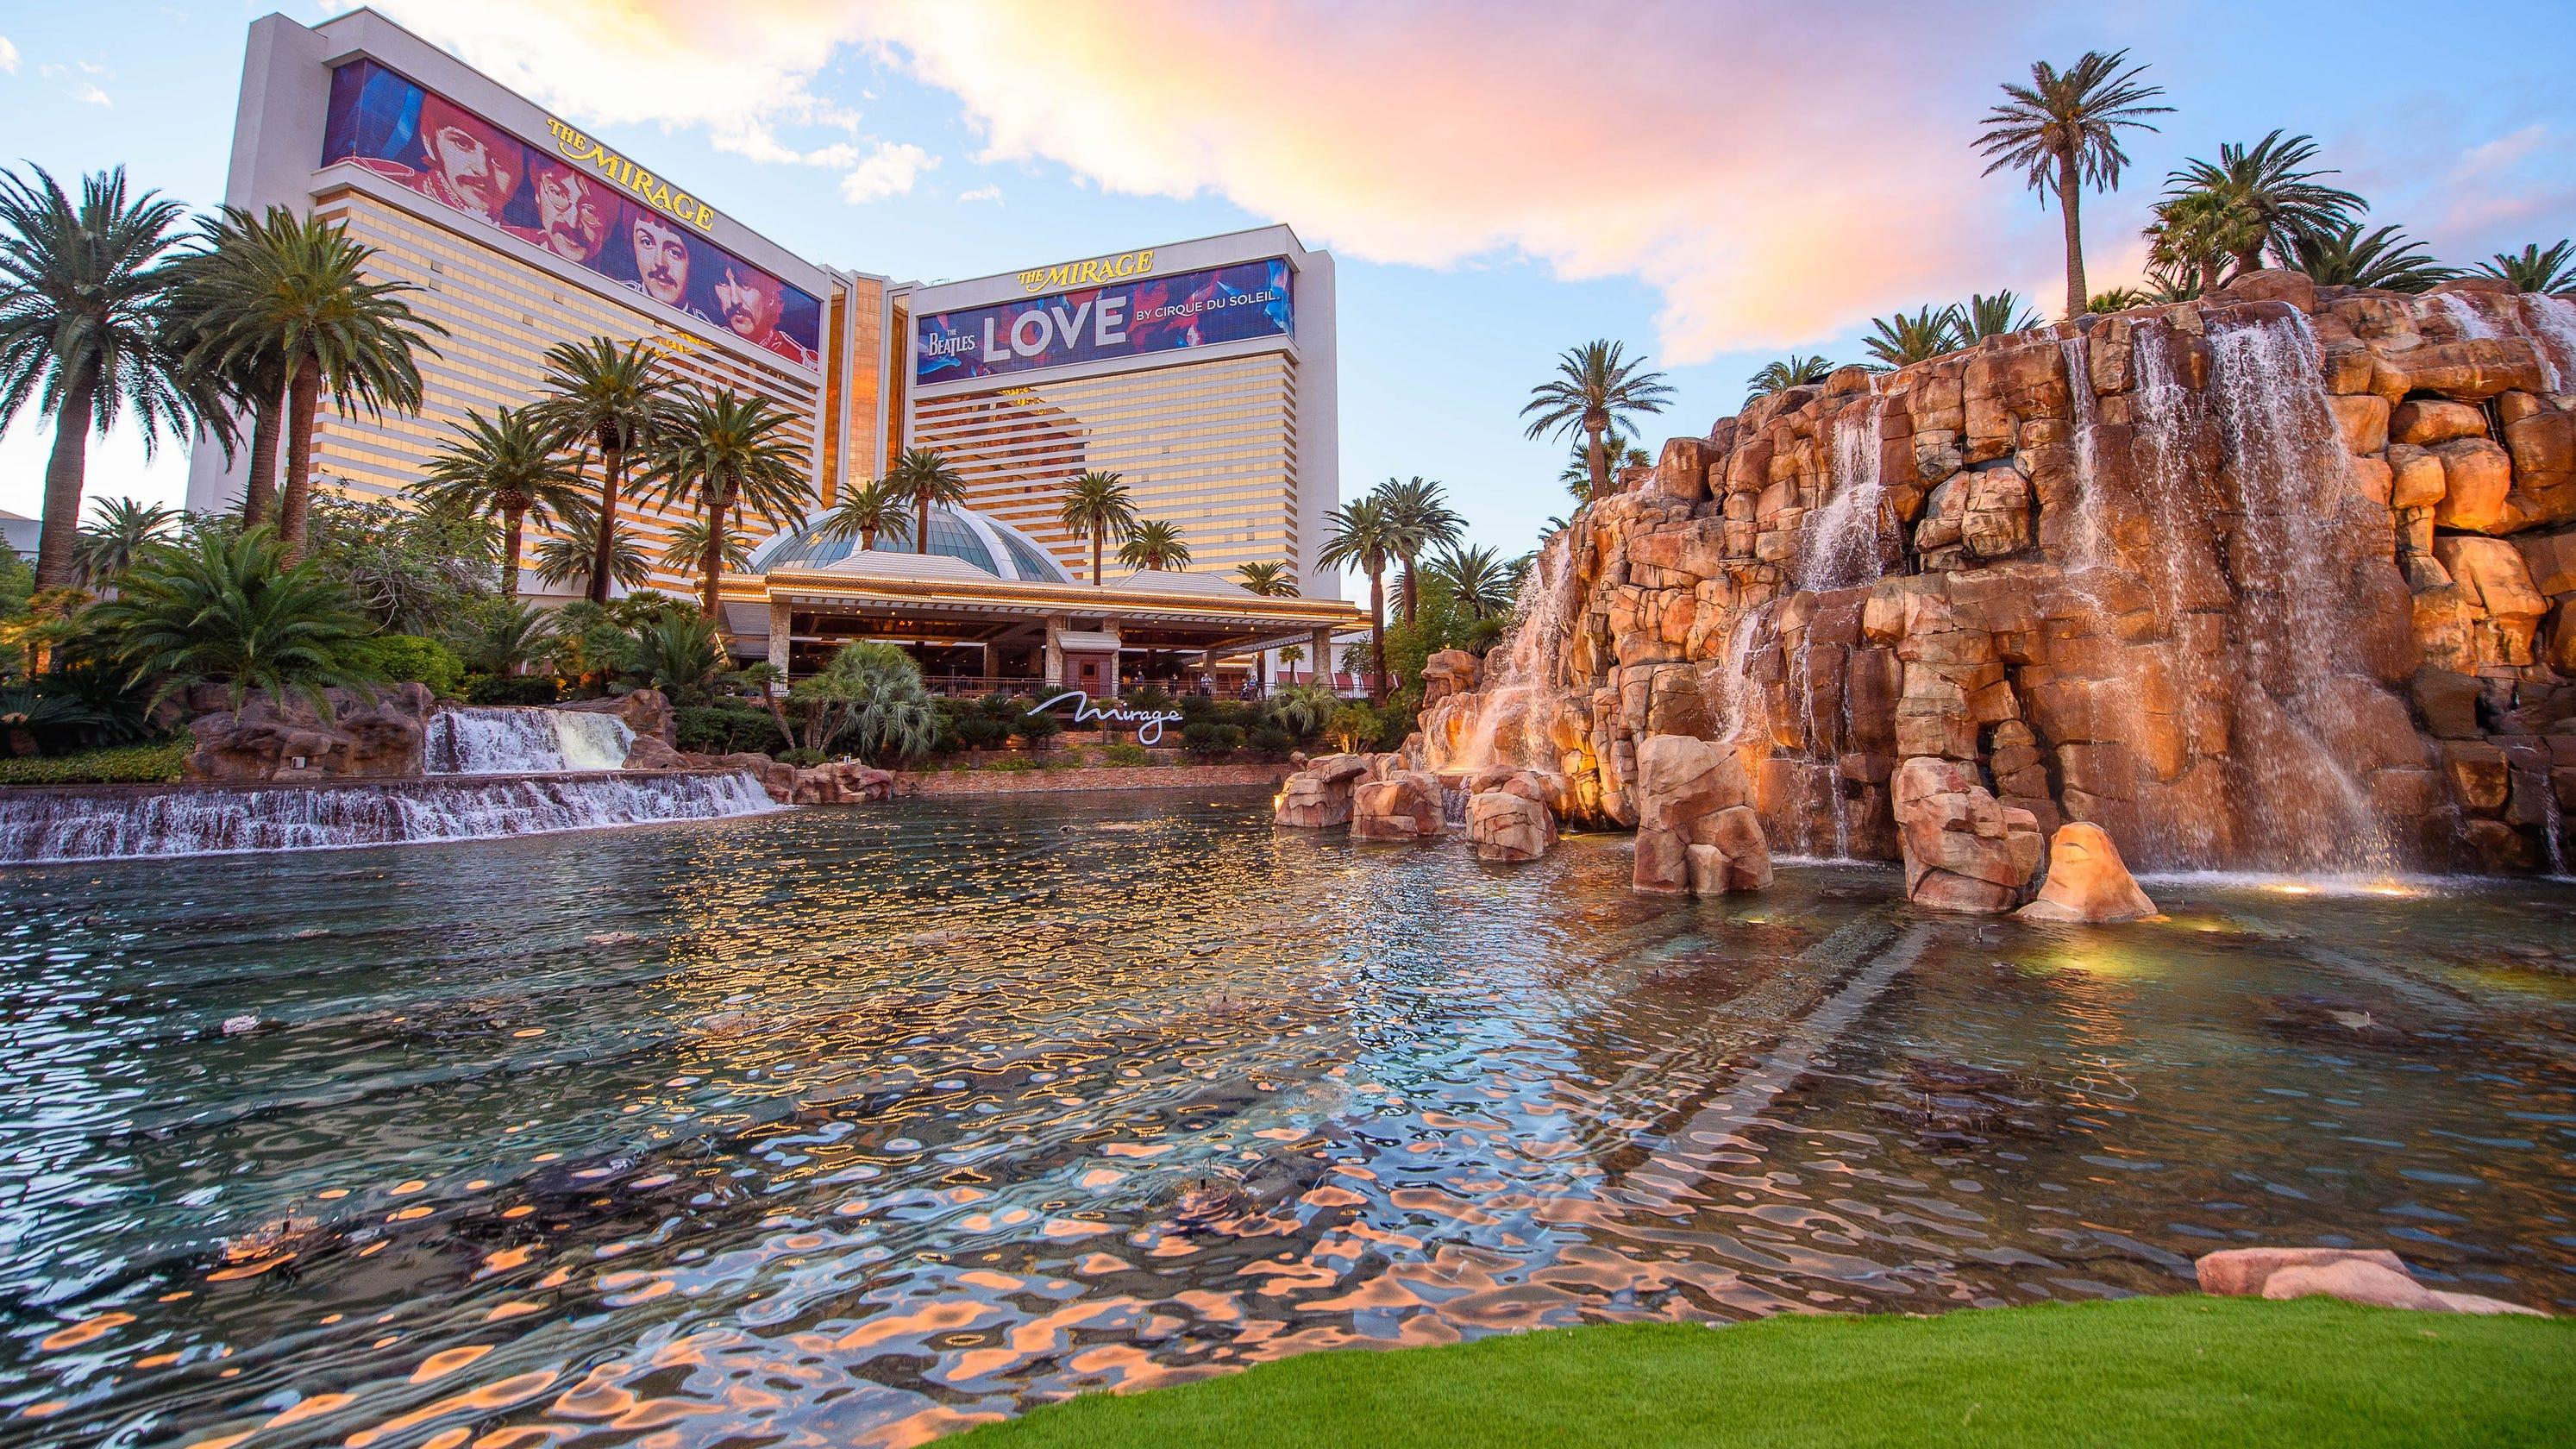 MGM Resorts to close Mirage, Mandalay Bay hotels midweek due to COVID-19 travel slump